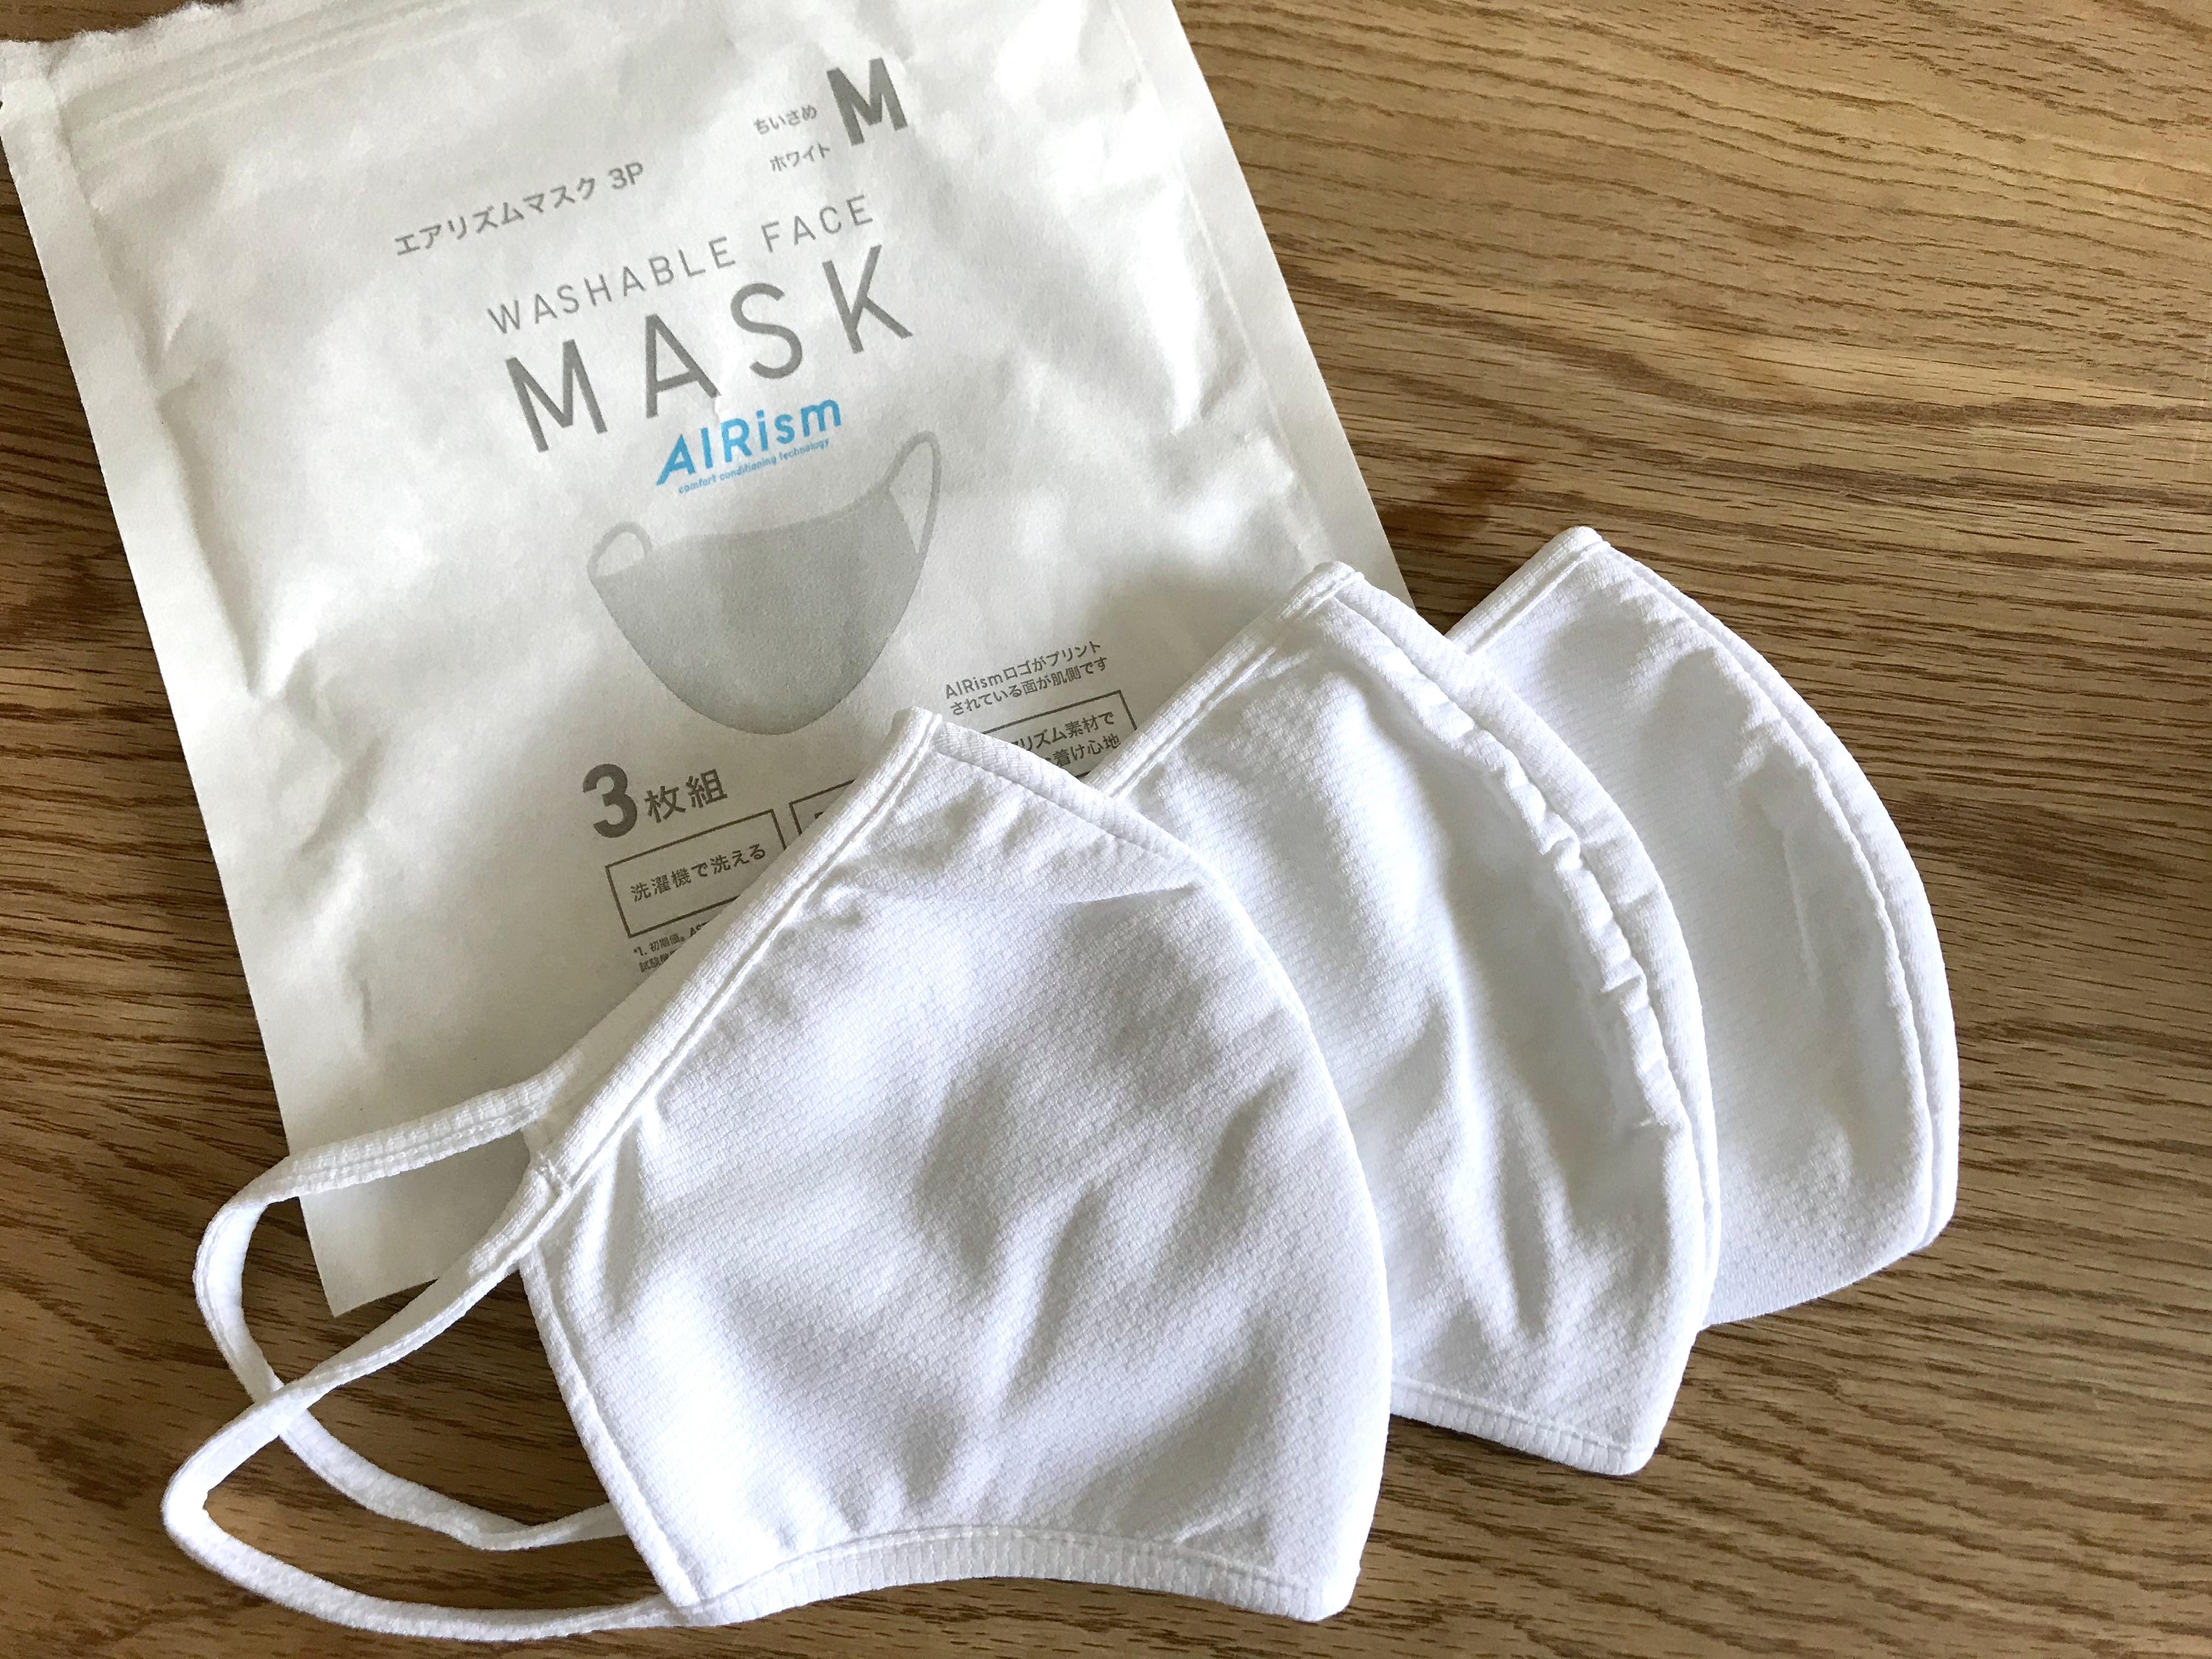 マスク ユニクロ エアリズム